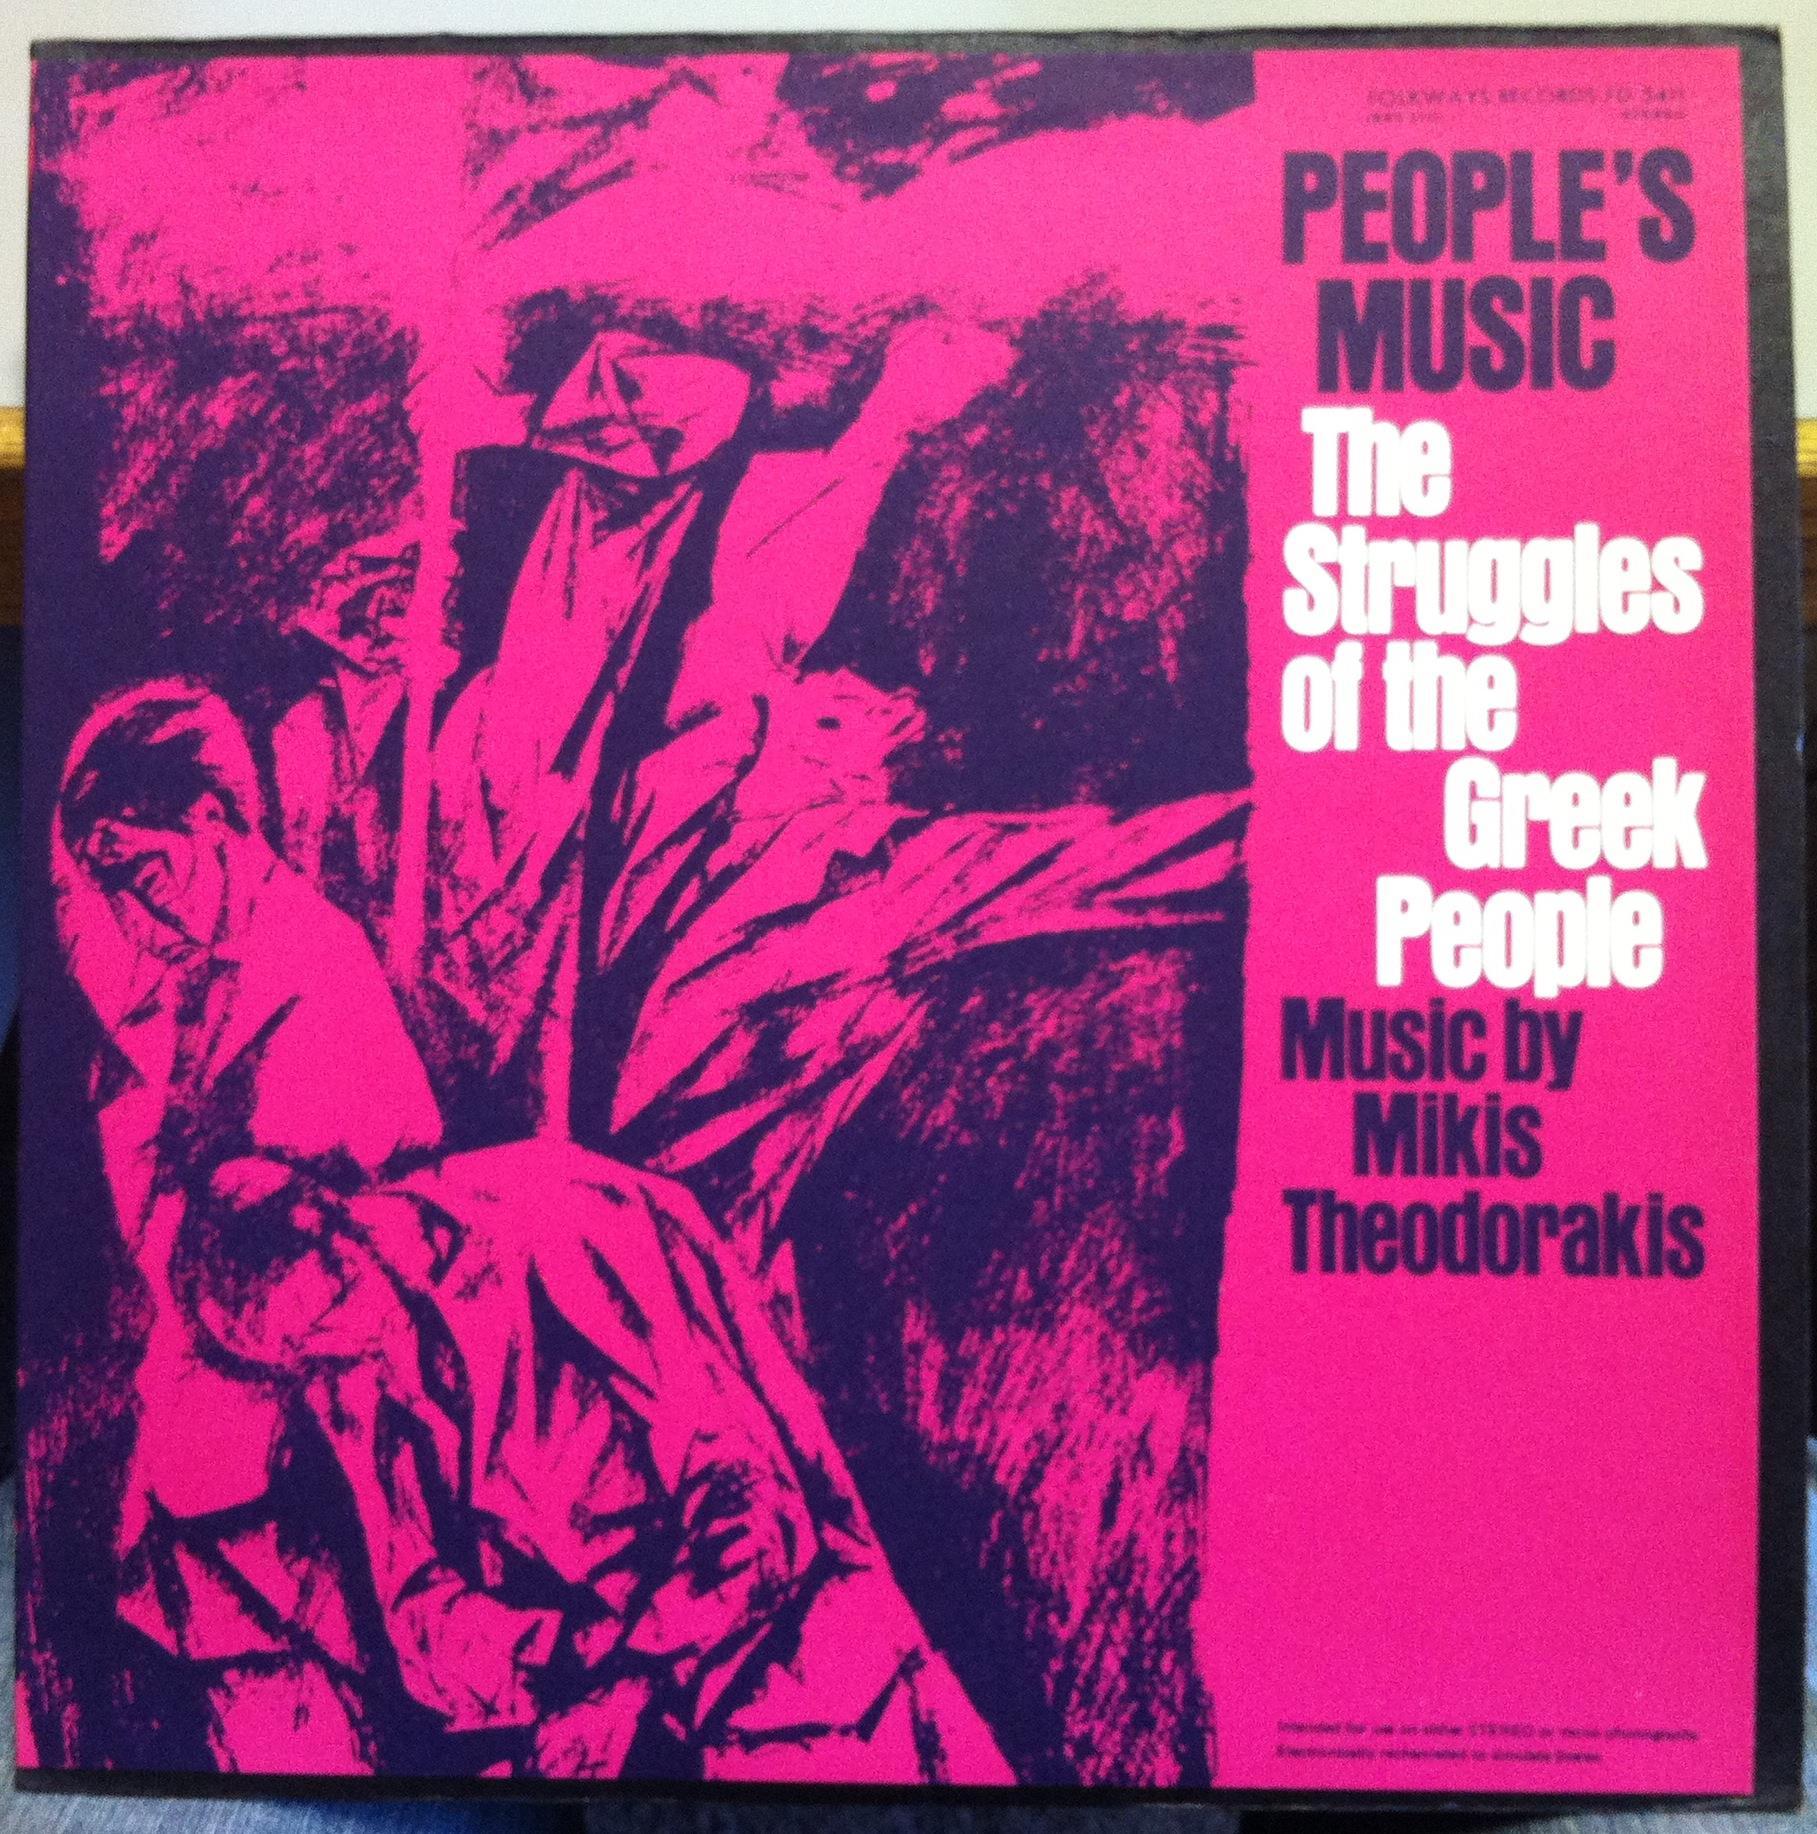 Miki Mikis Theodorakis Records LPs Vinyl And CDs